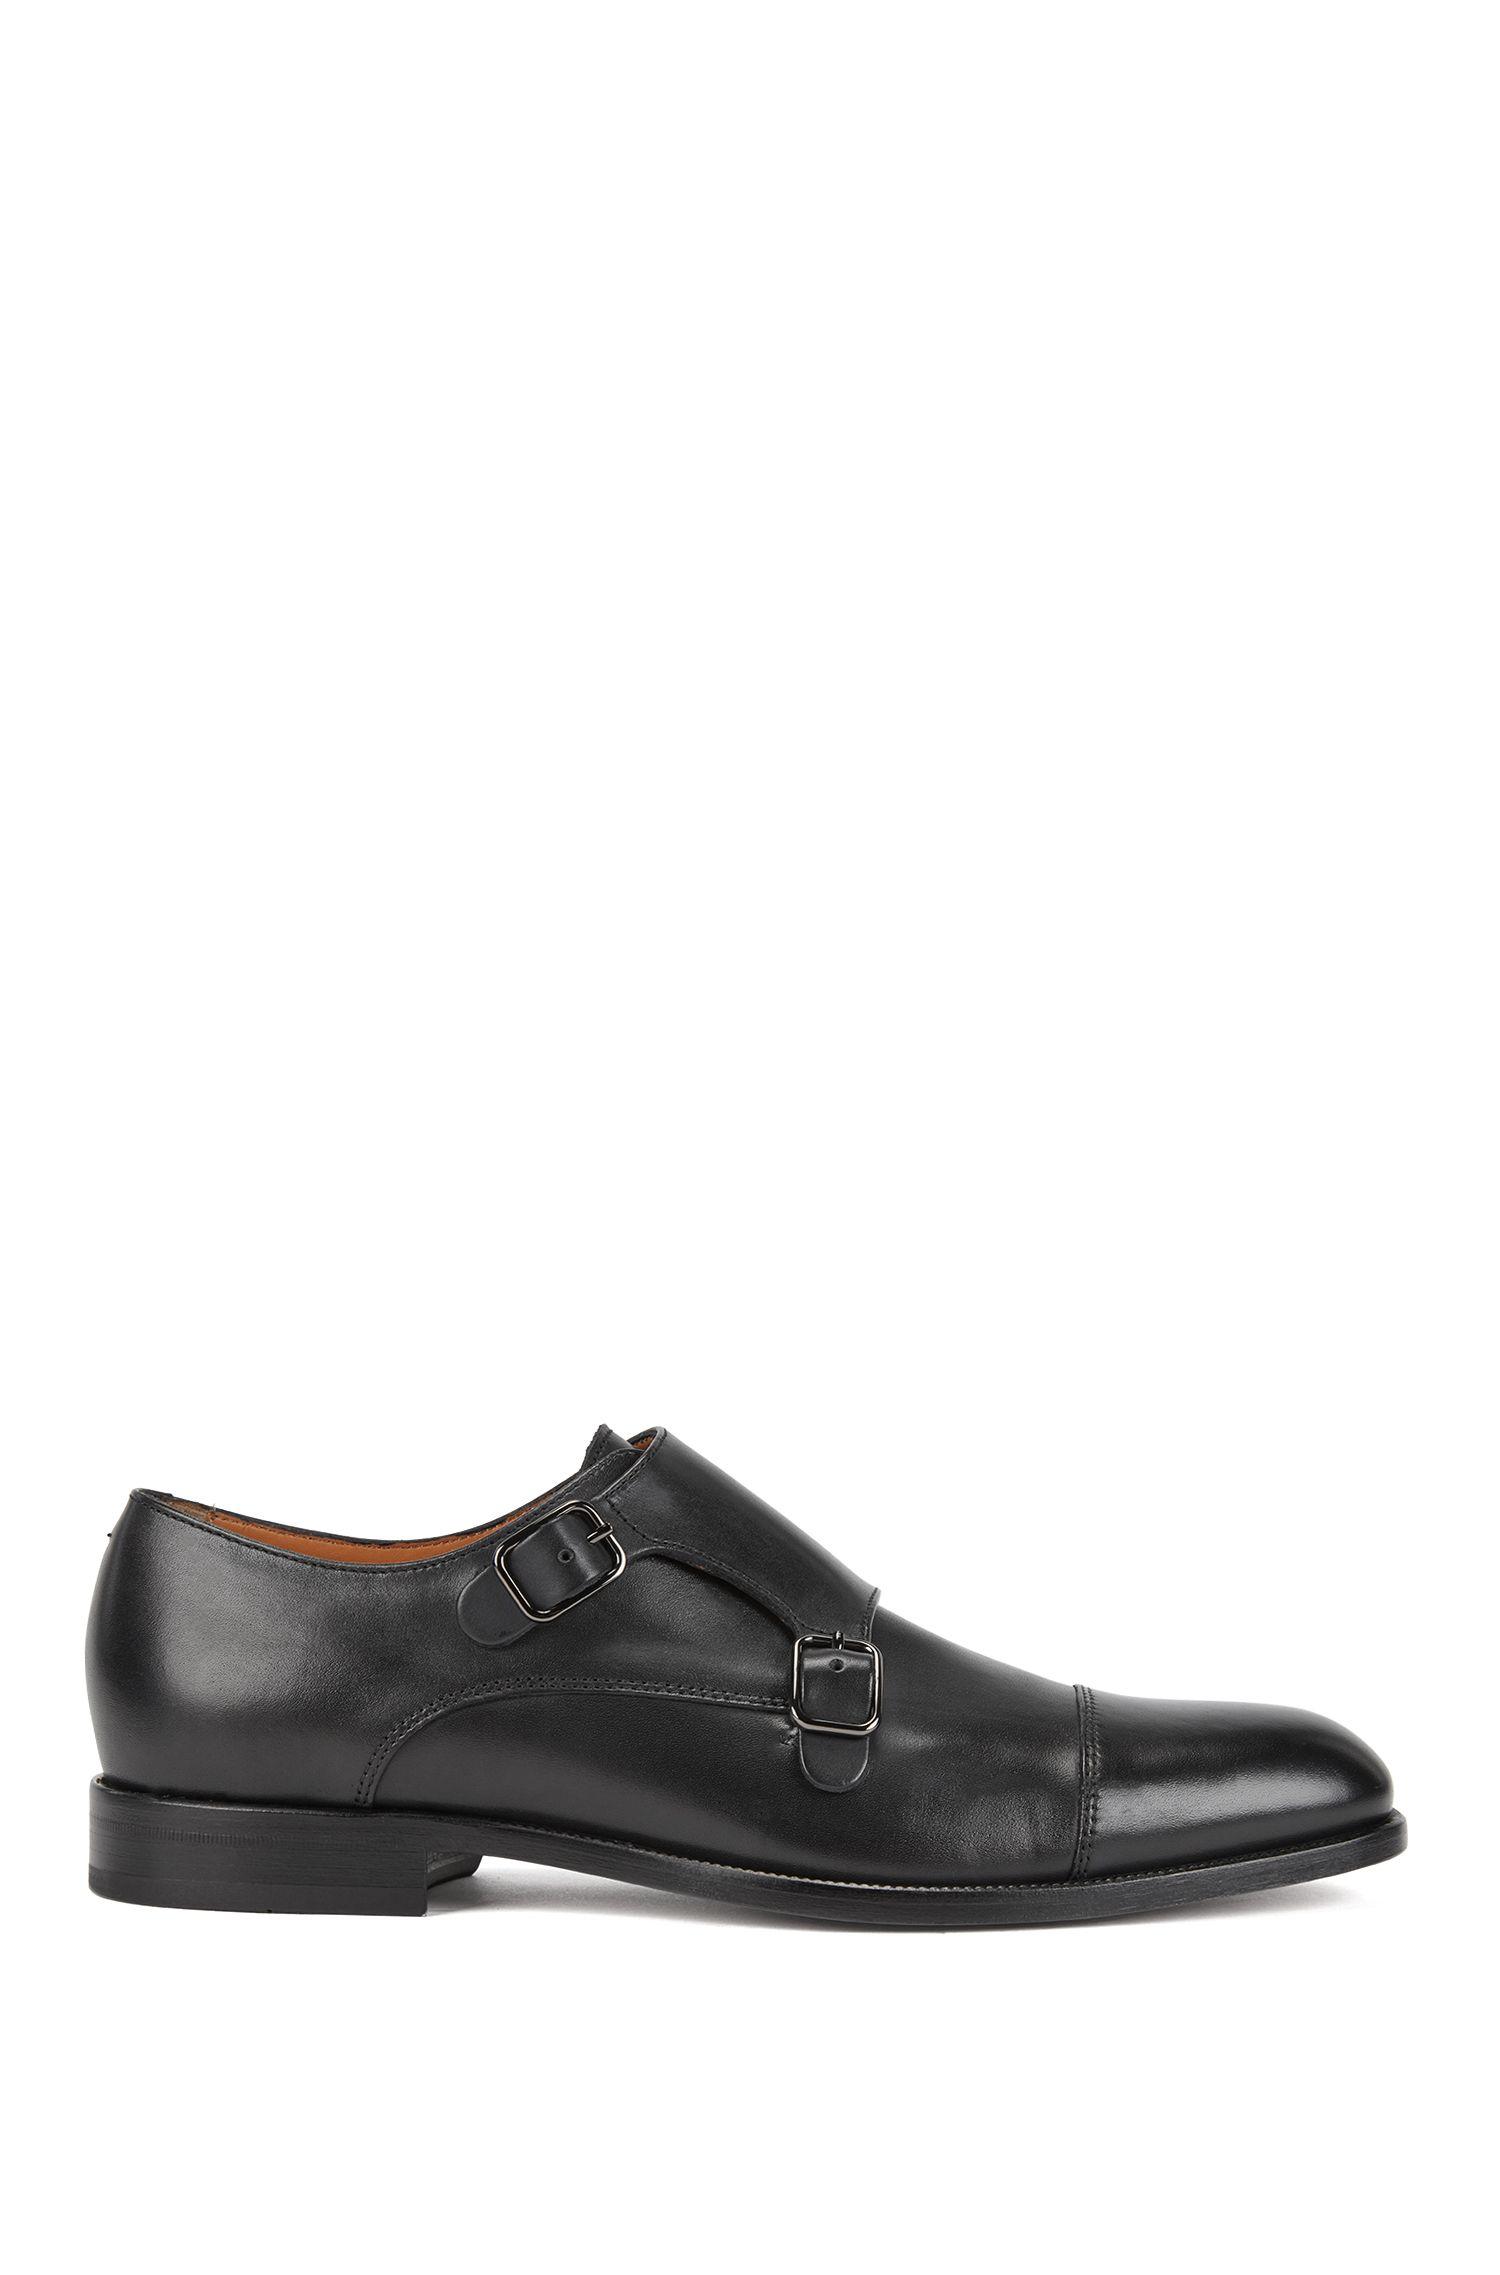 Zapatos de hebilla doble en suave piel de becerro, Azul oscuro